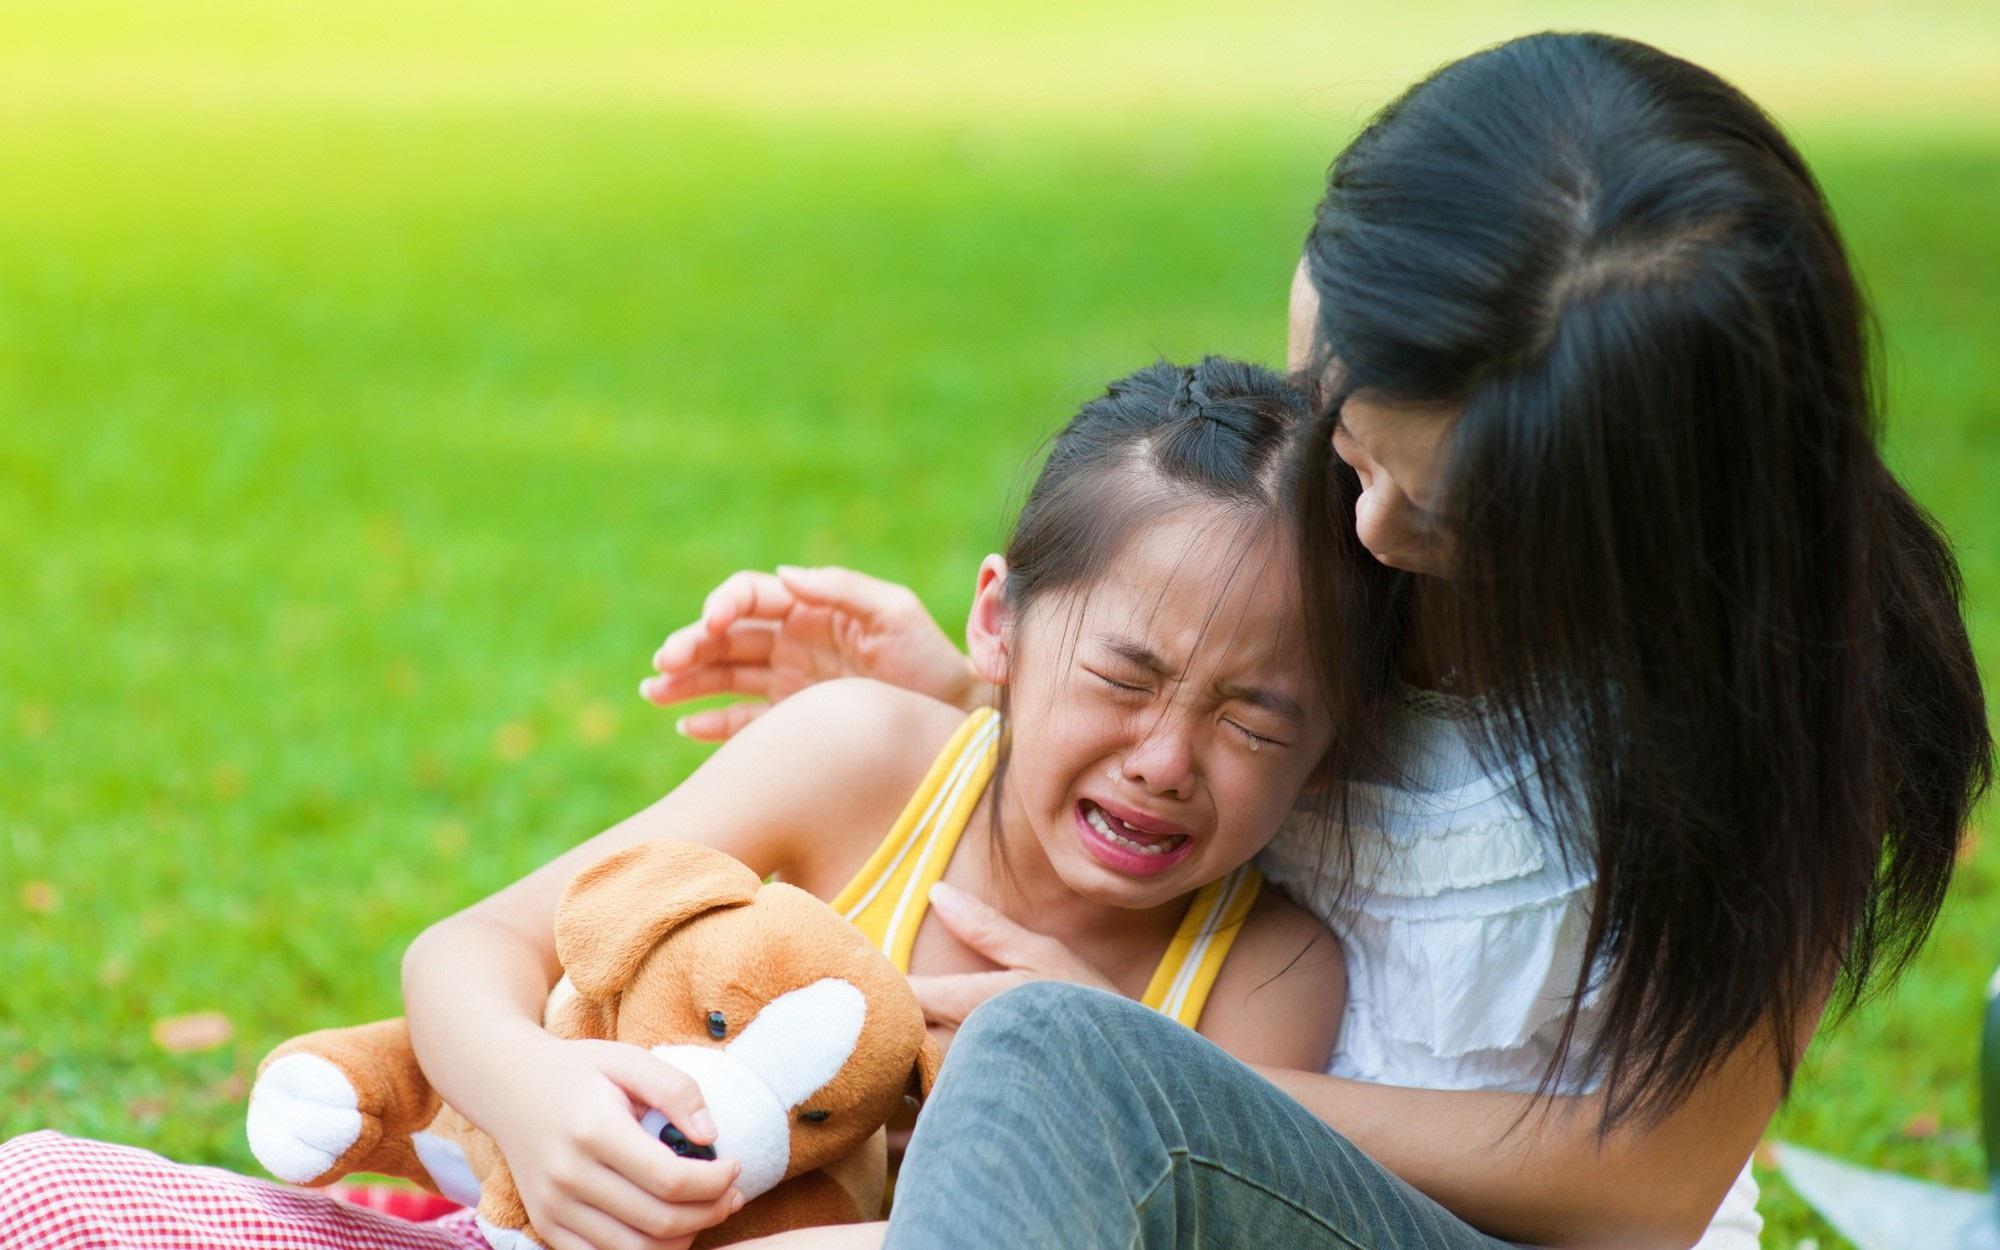 Cứ tưởng làm thế này là yêu con, nhưng thực ra cha mẹ đang hại con - Ảnh 1